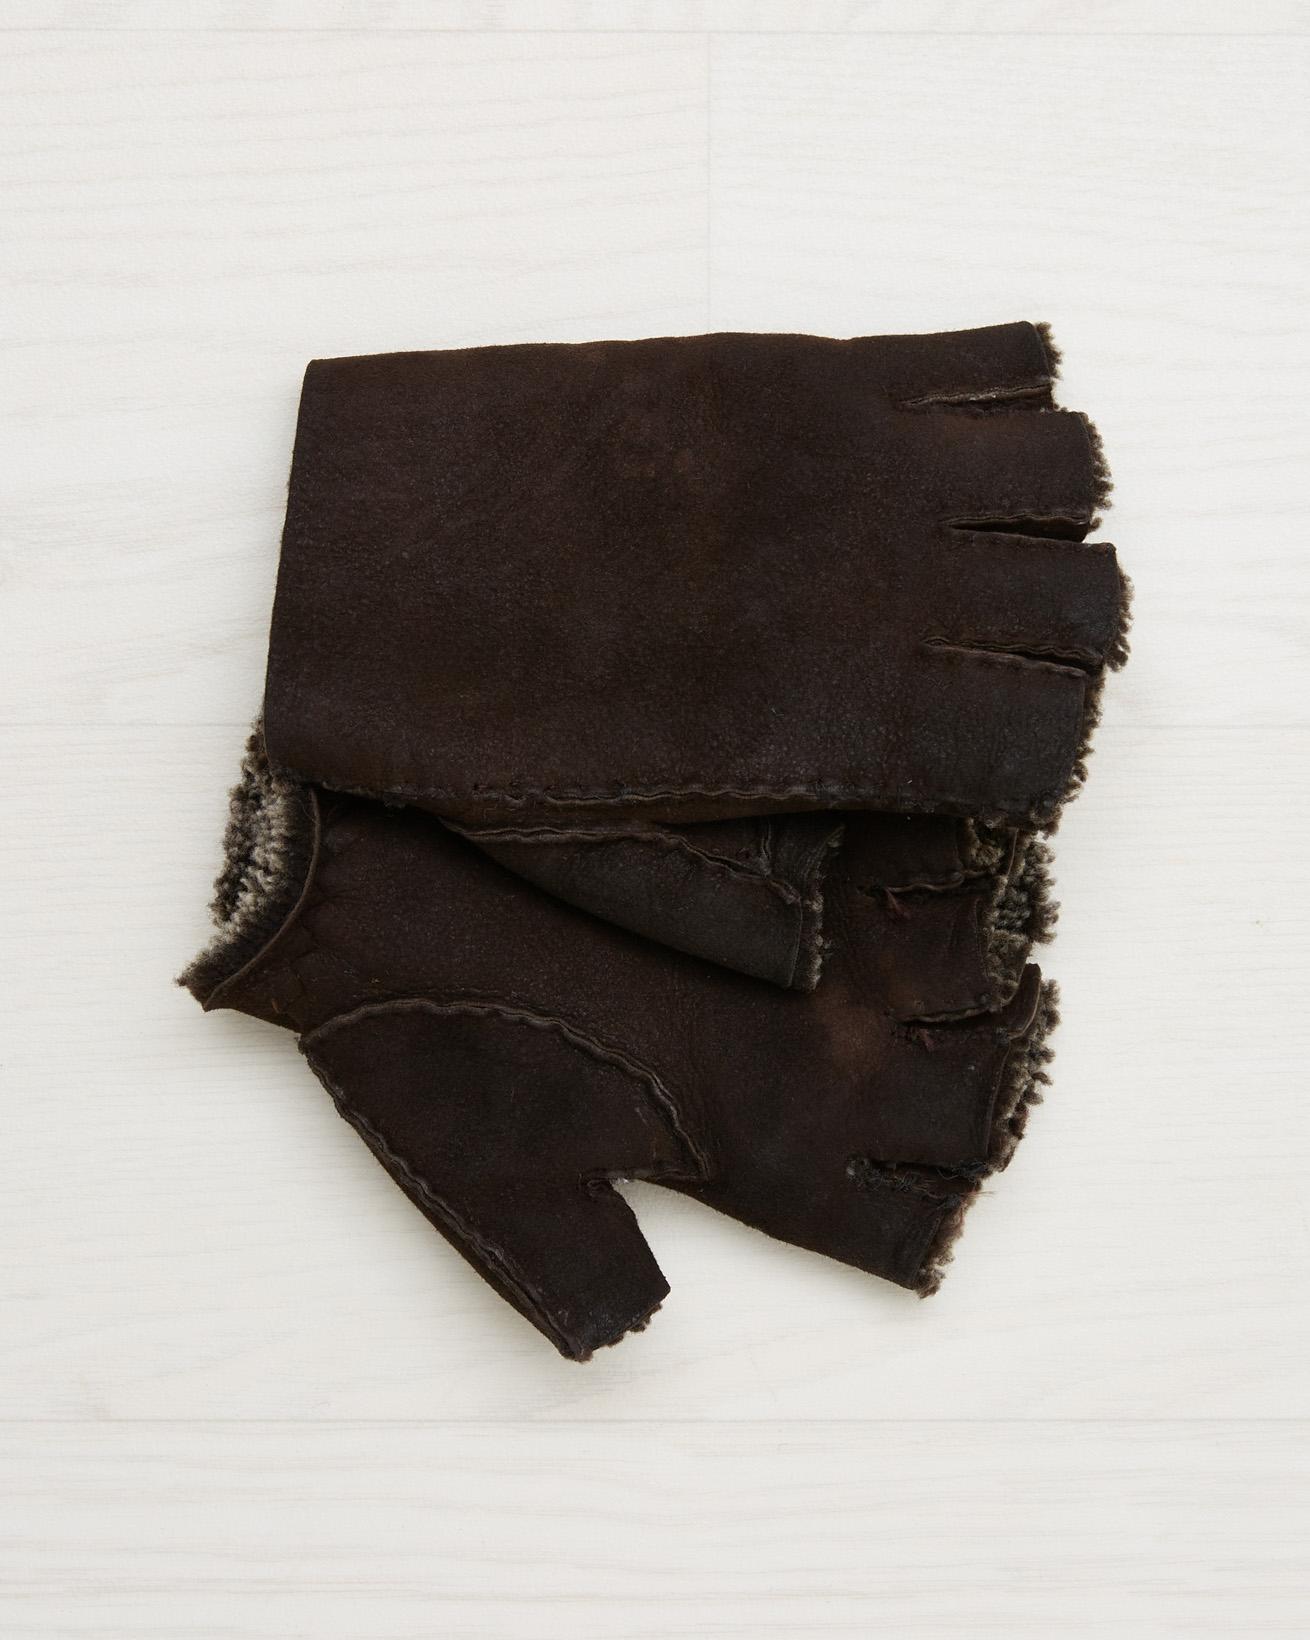 Sheepskin Gloves - Mocca - Size Extra Large - 2555